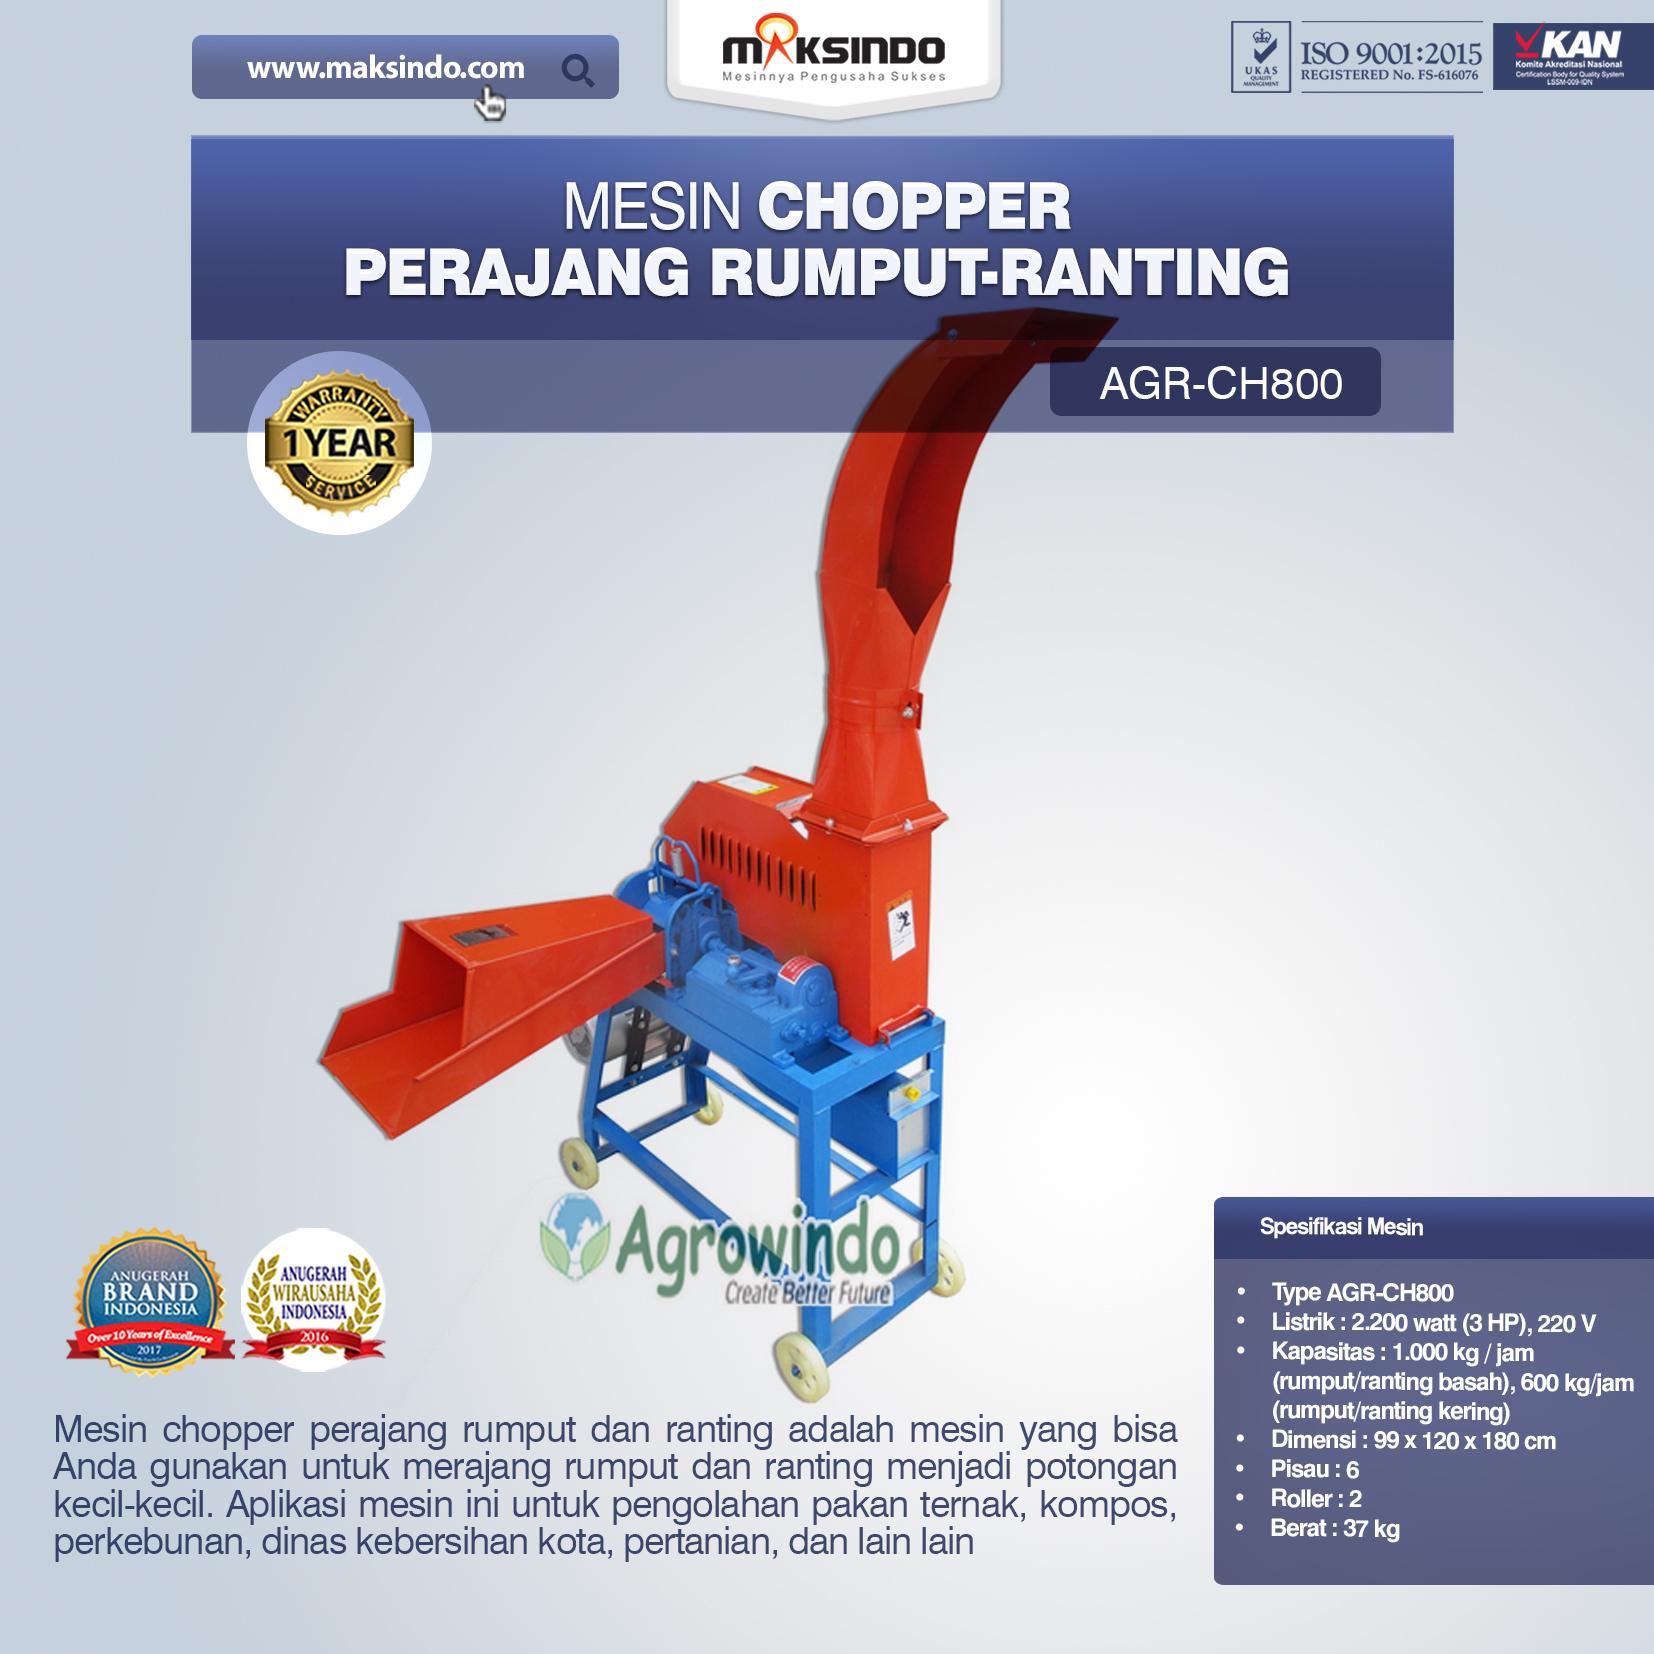 Jual Mesin Chopper Perajang Rumput-Ranting (AGR-CH800) di Pekanbaru